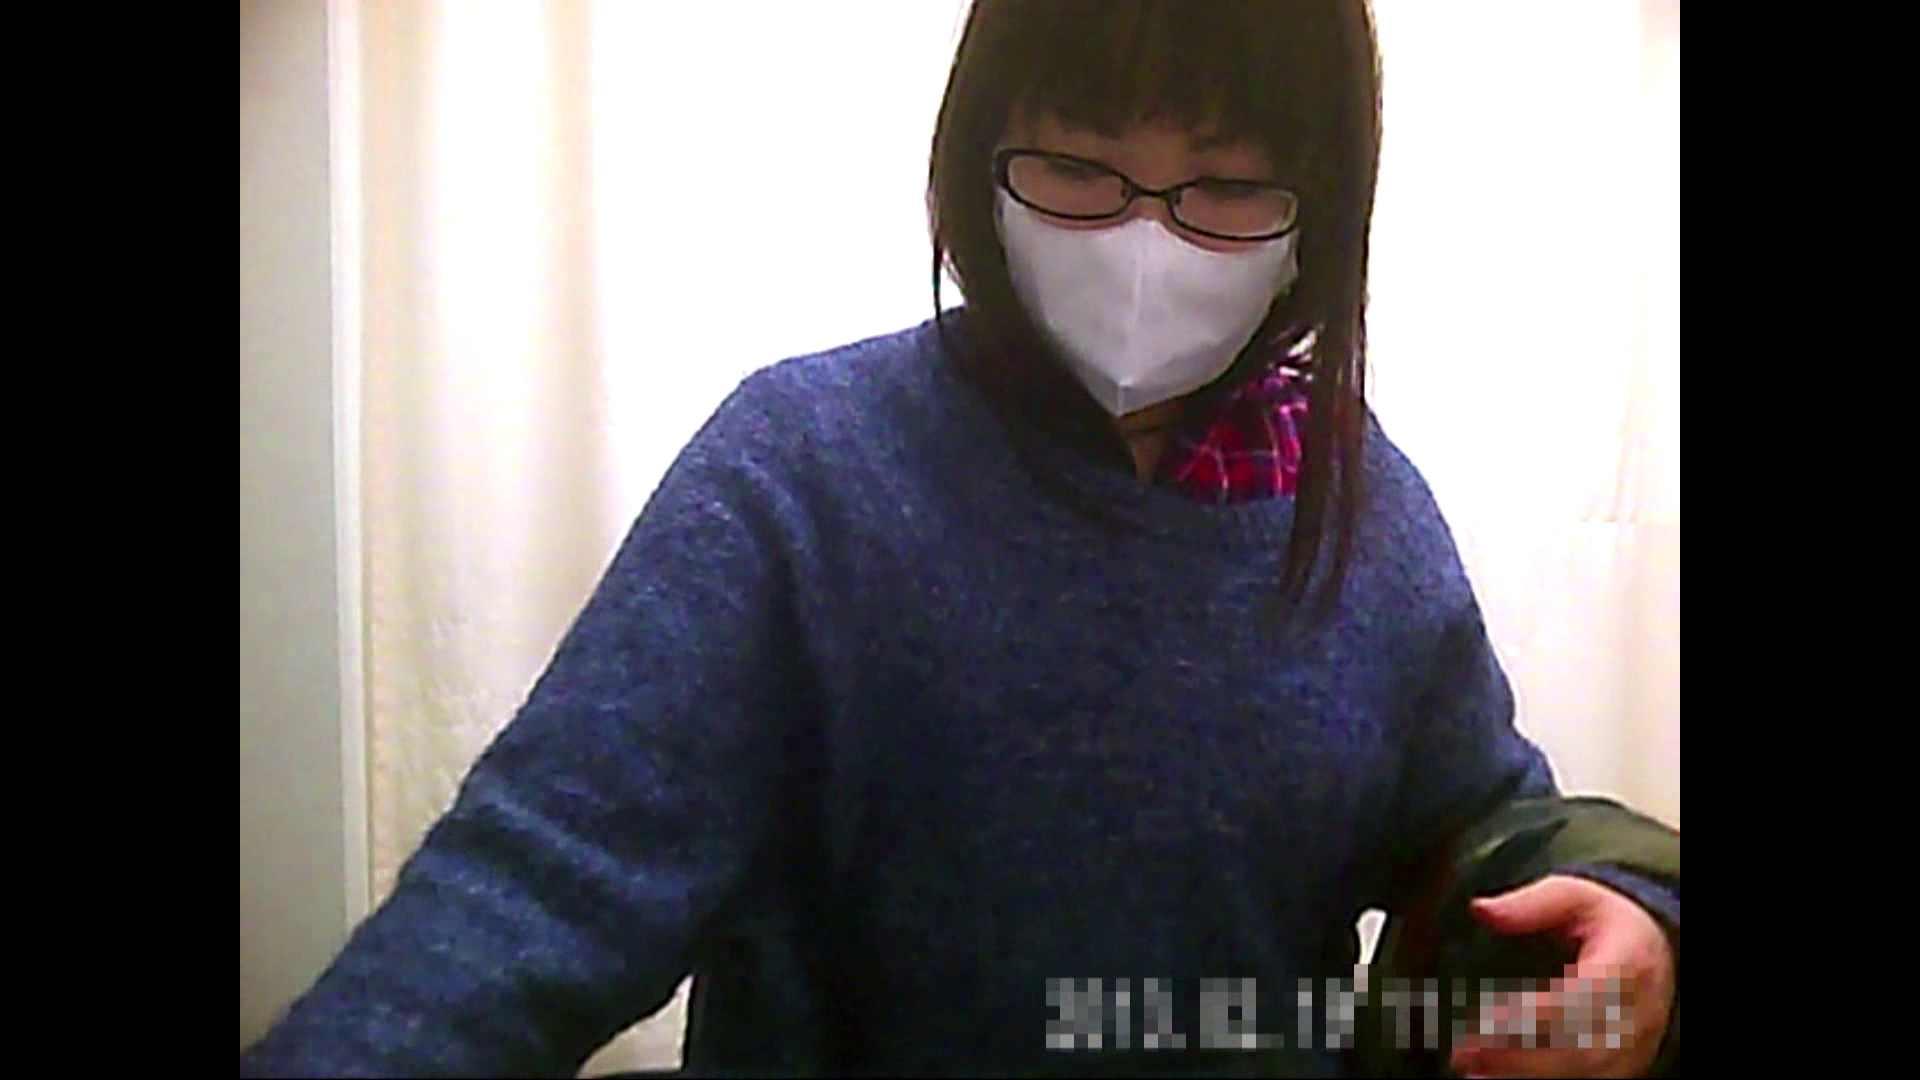 元医者による反抗 更衣室地獄絵巻 vol.141 0  23連発 10